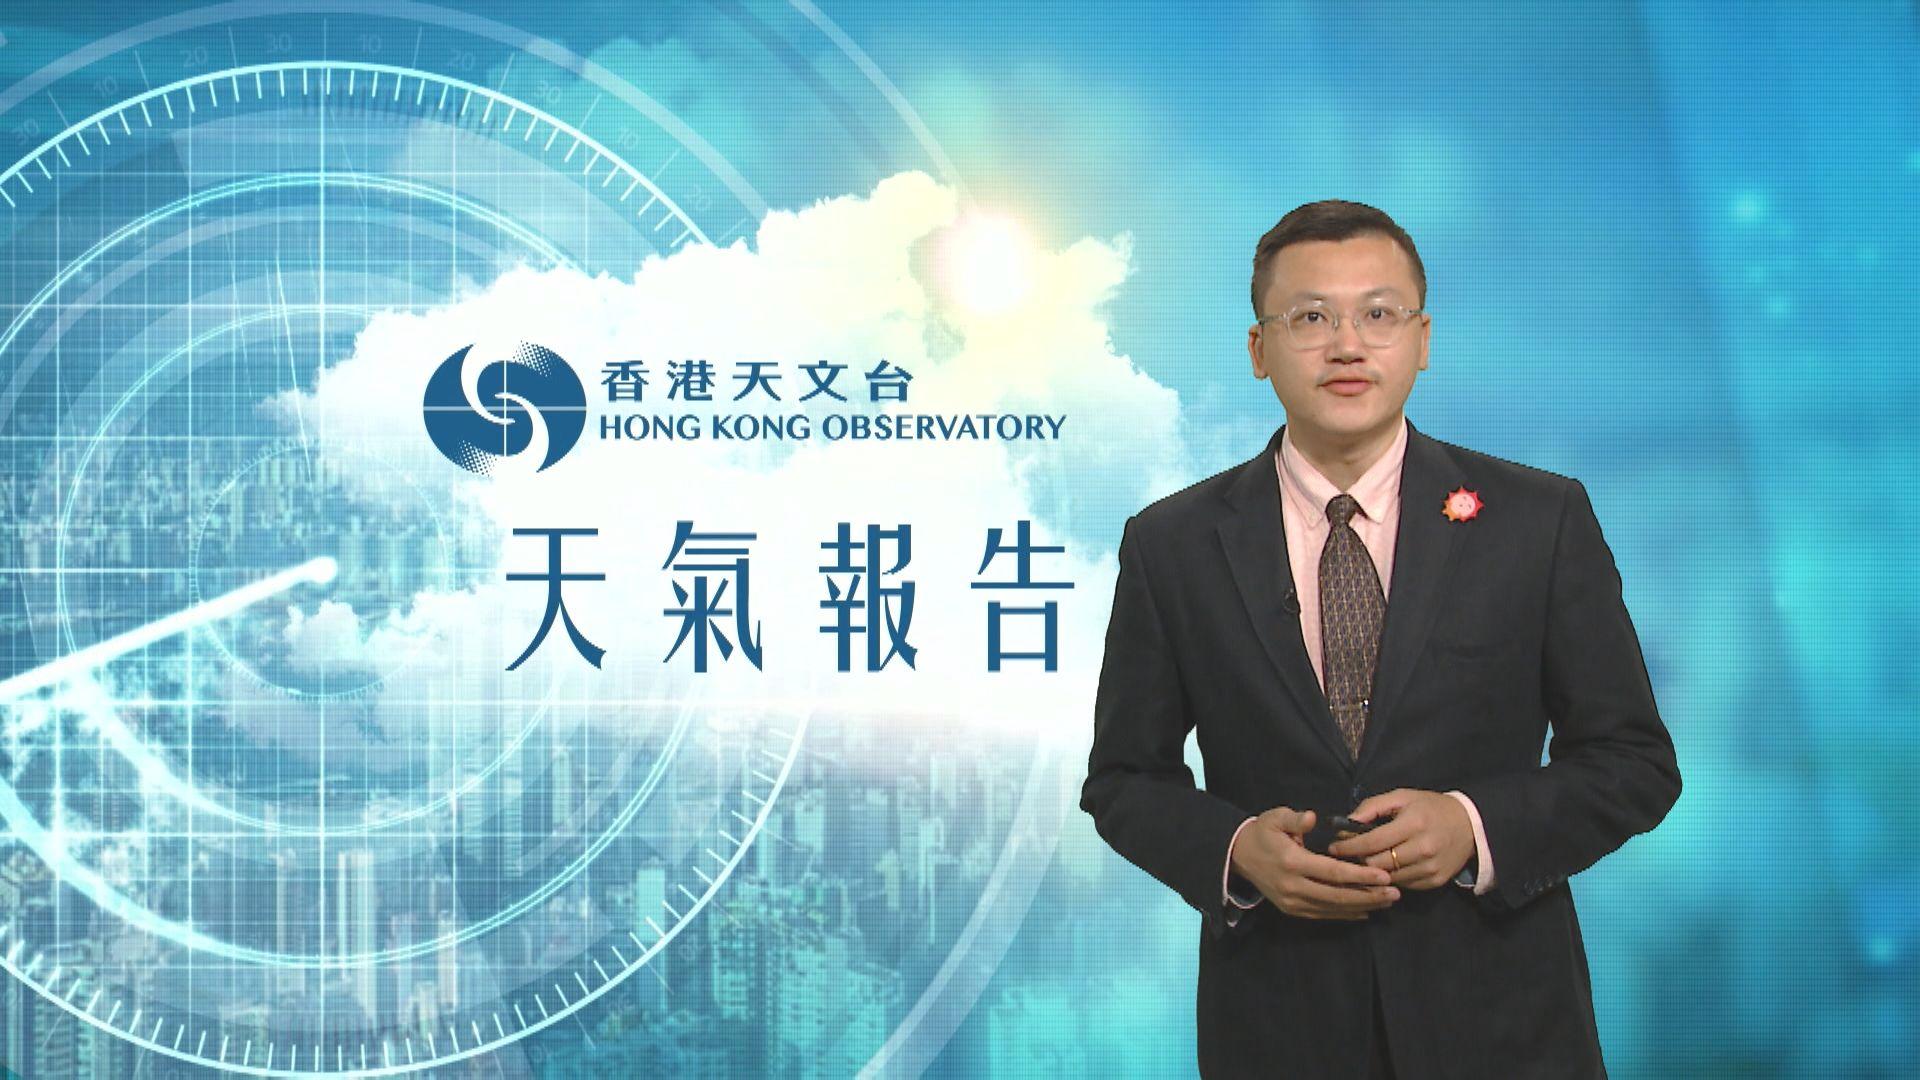 【天氣報告】(5月23日)